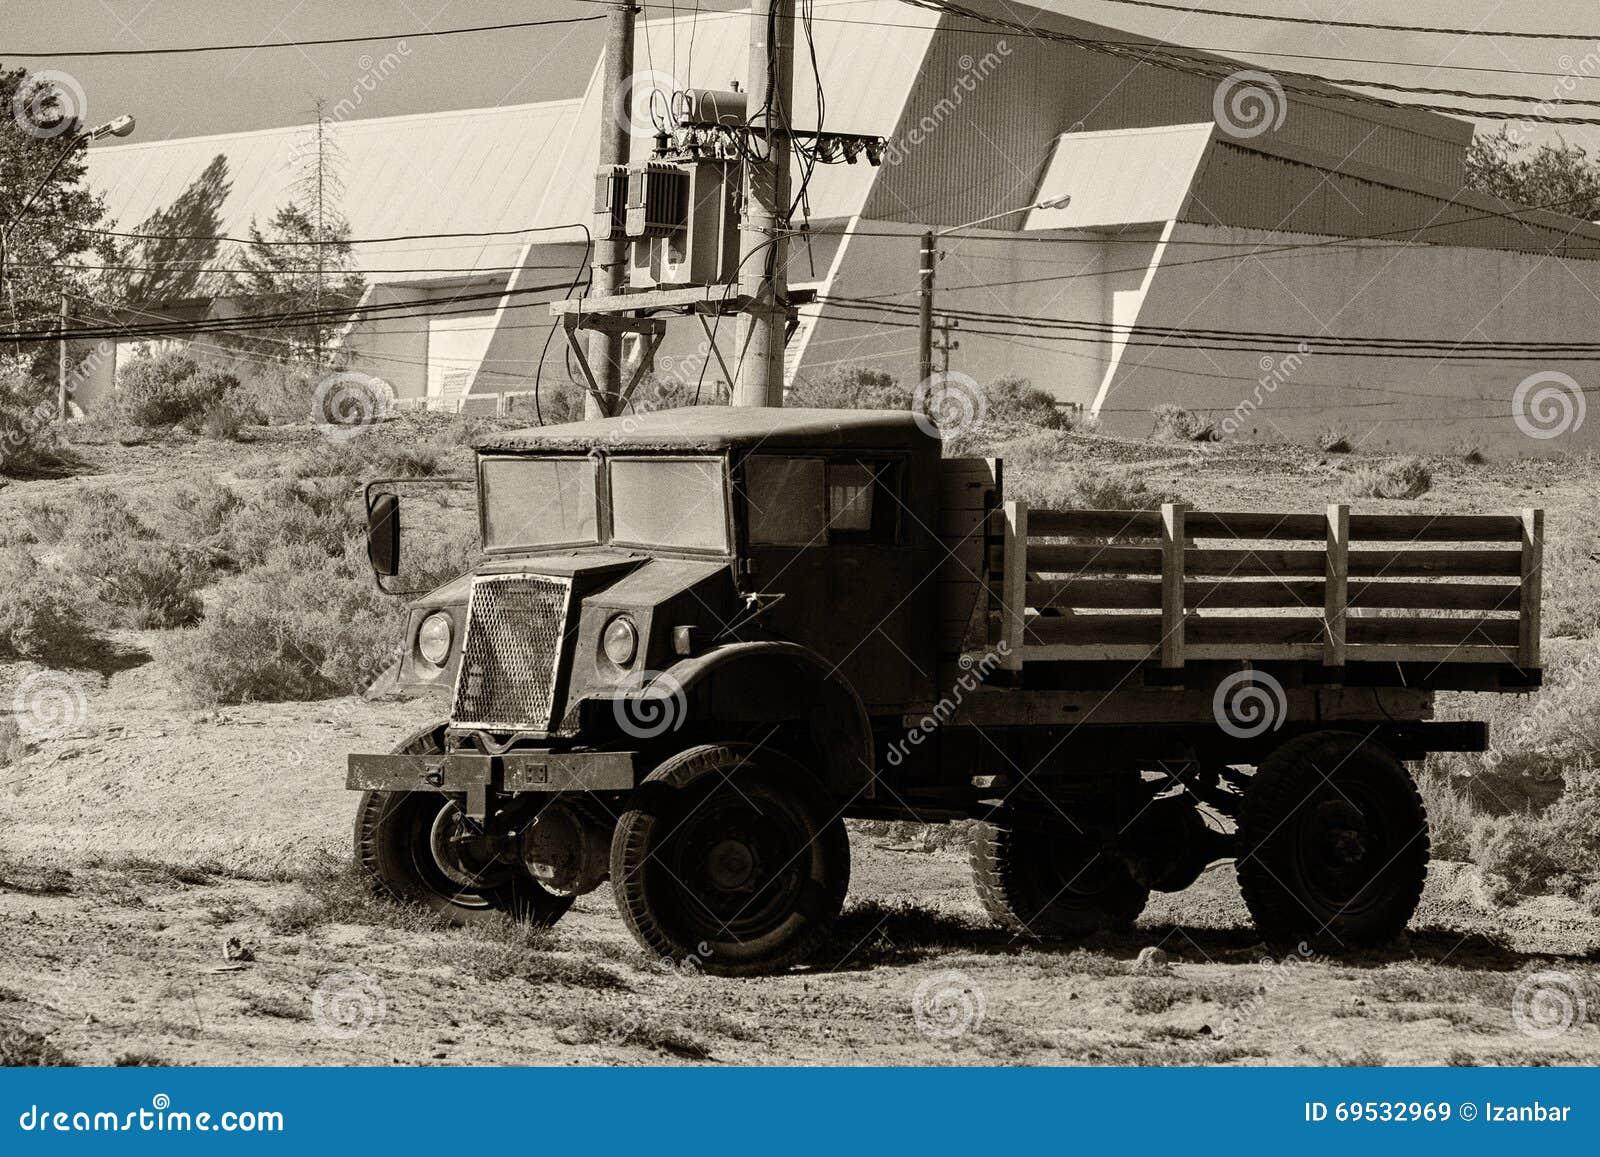 Vieux camion rouillé abandonné dans le b&w